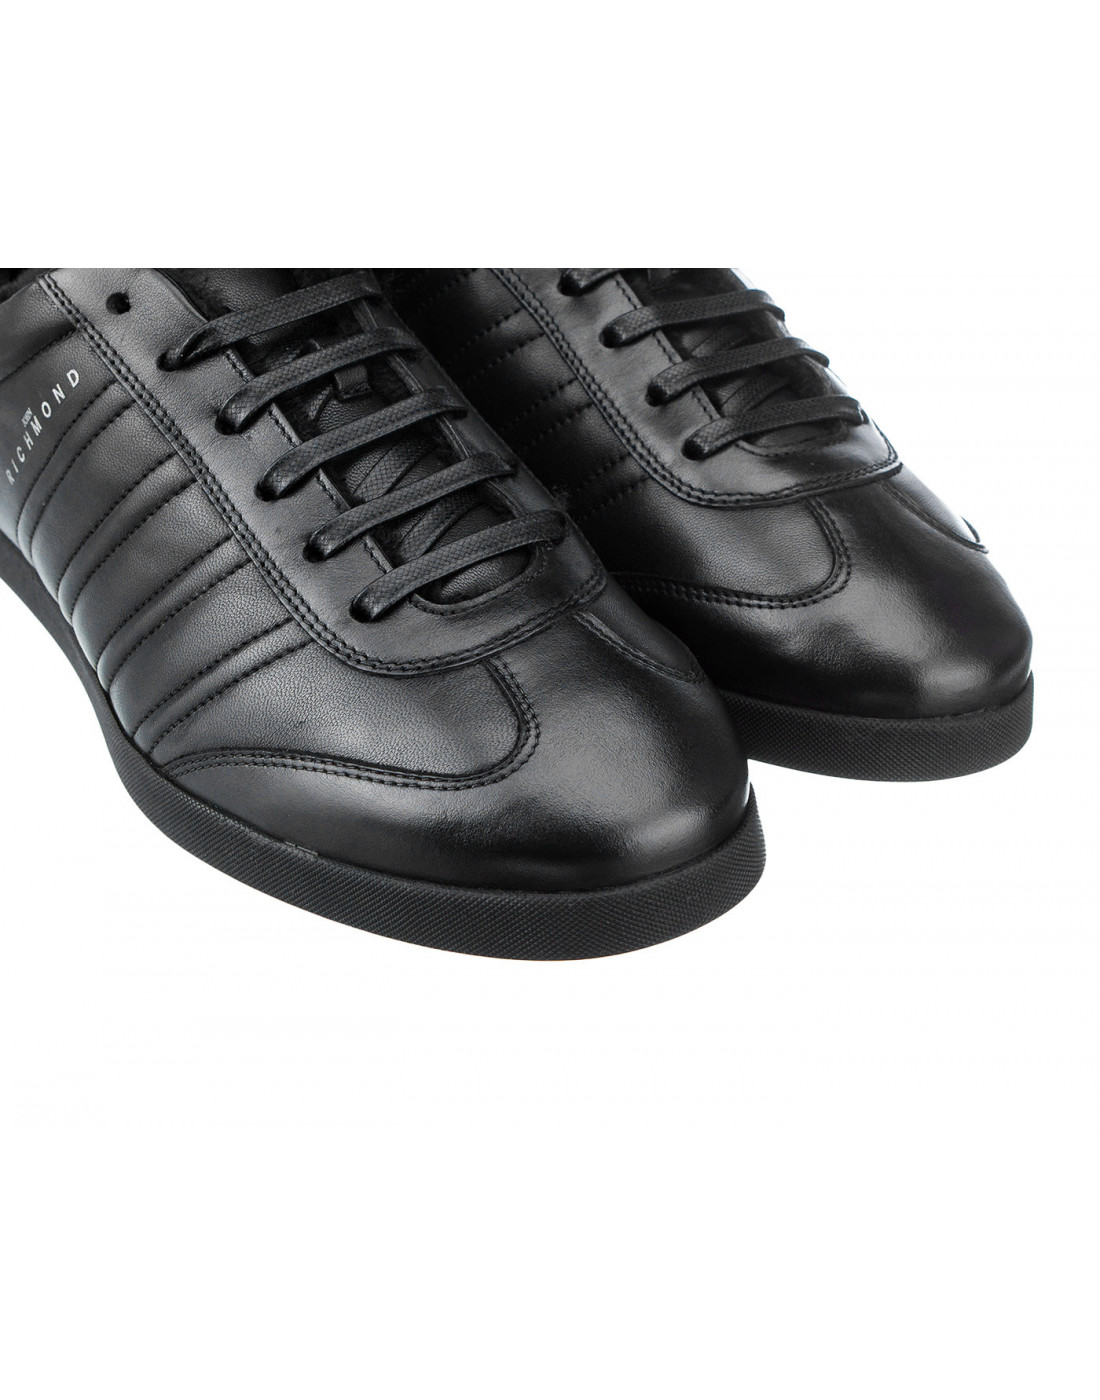 Кроссовки черные мужские John Richmond S8147/M VAR B-4